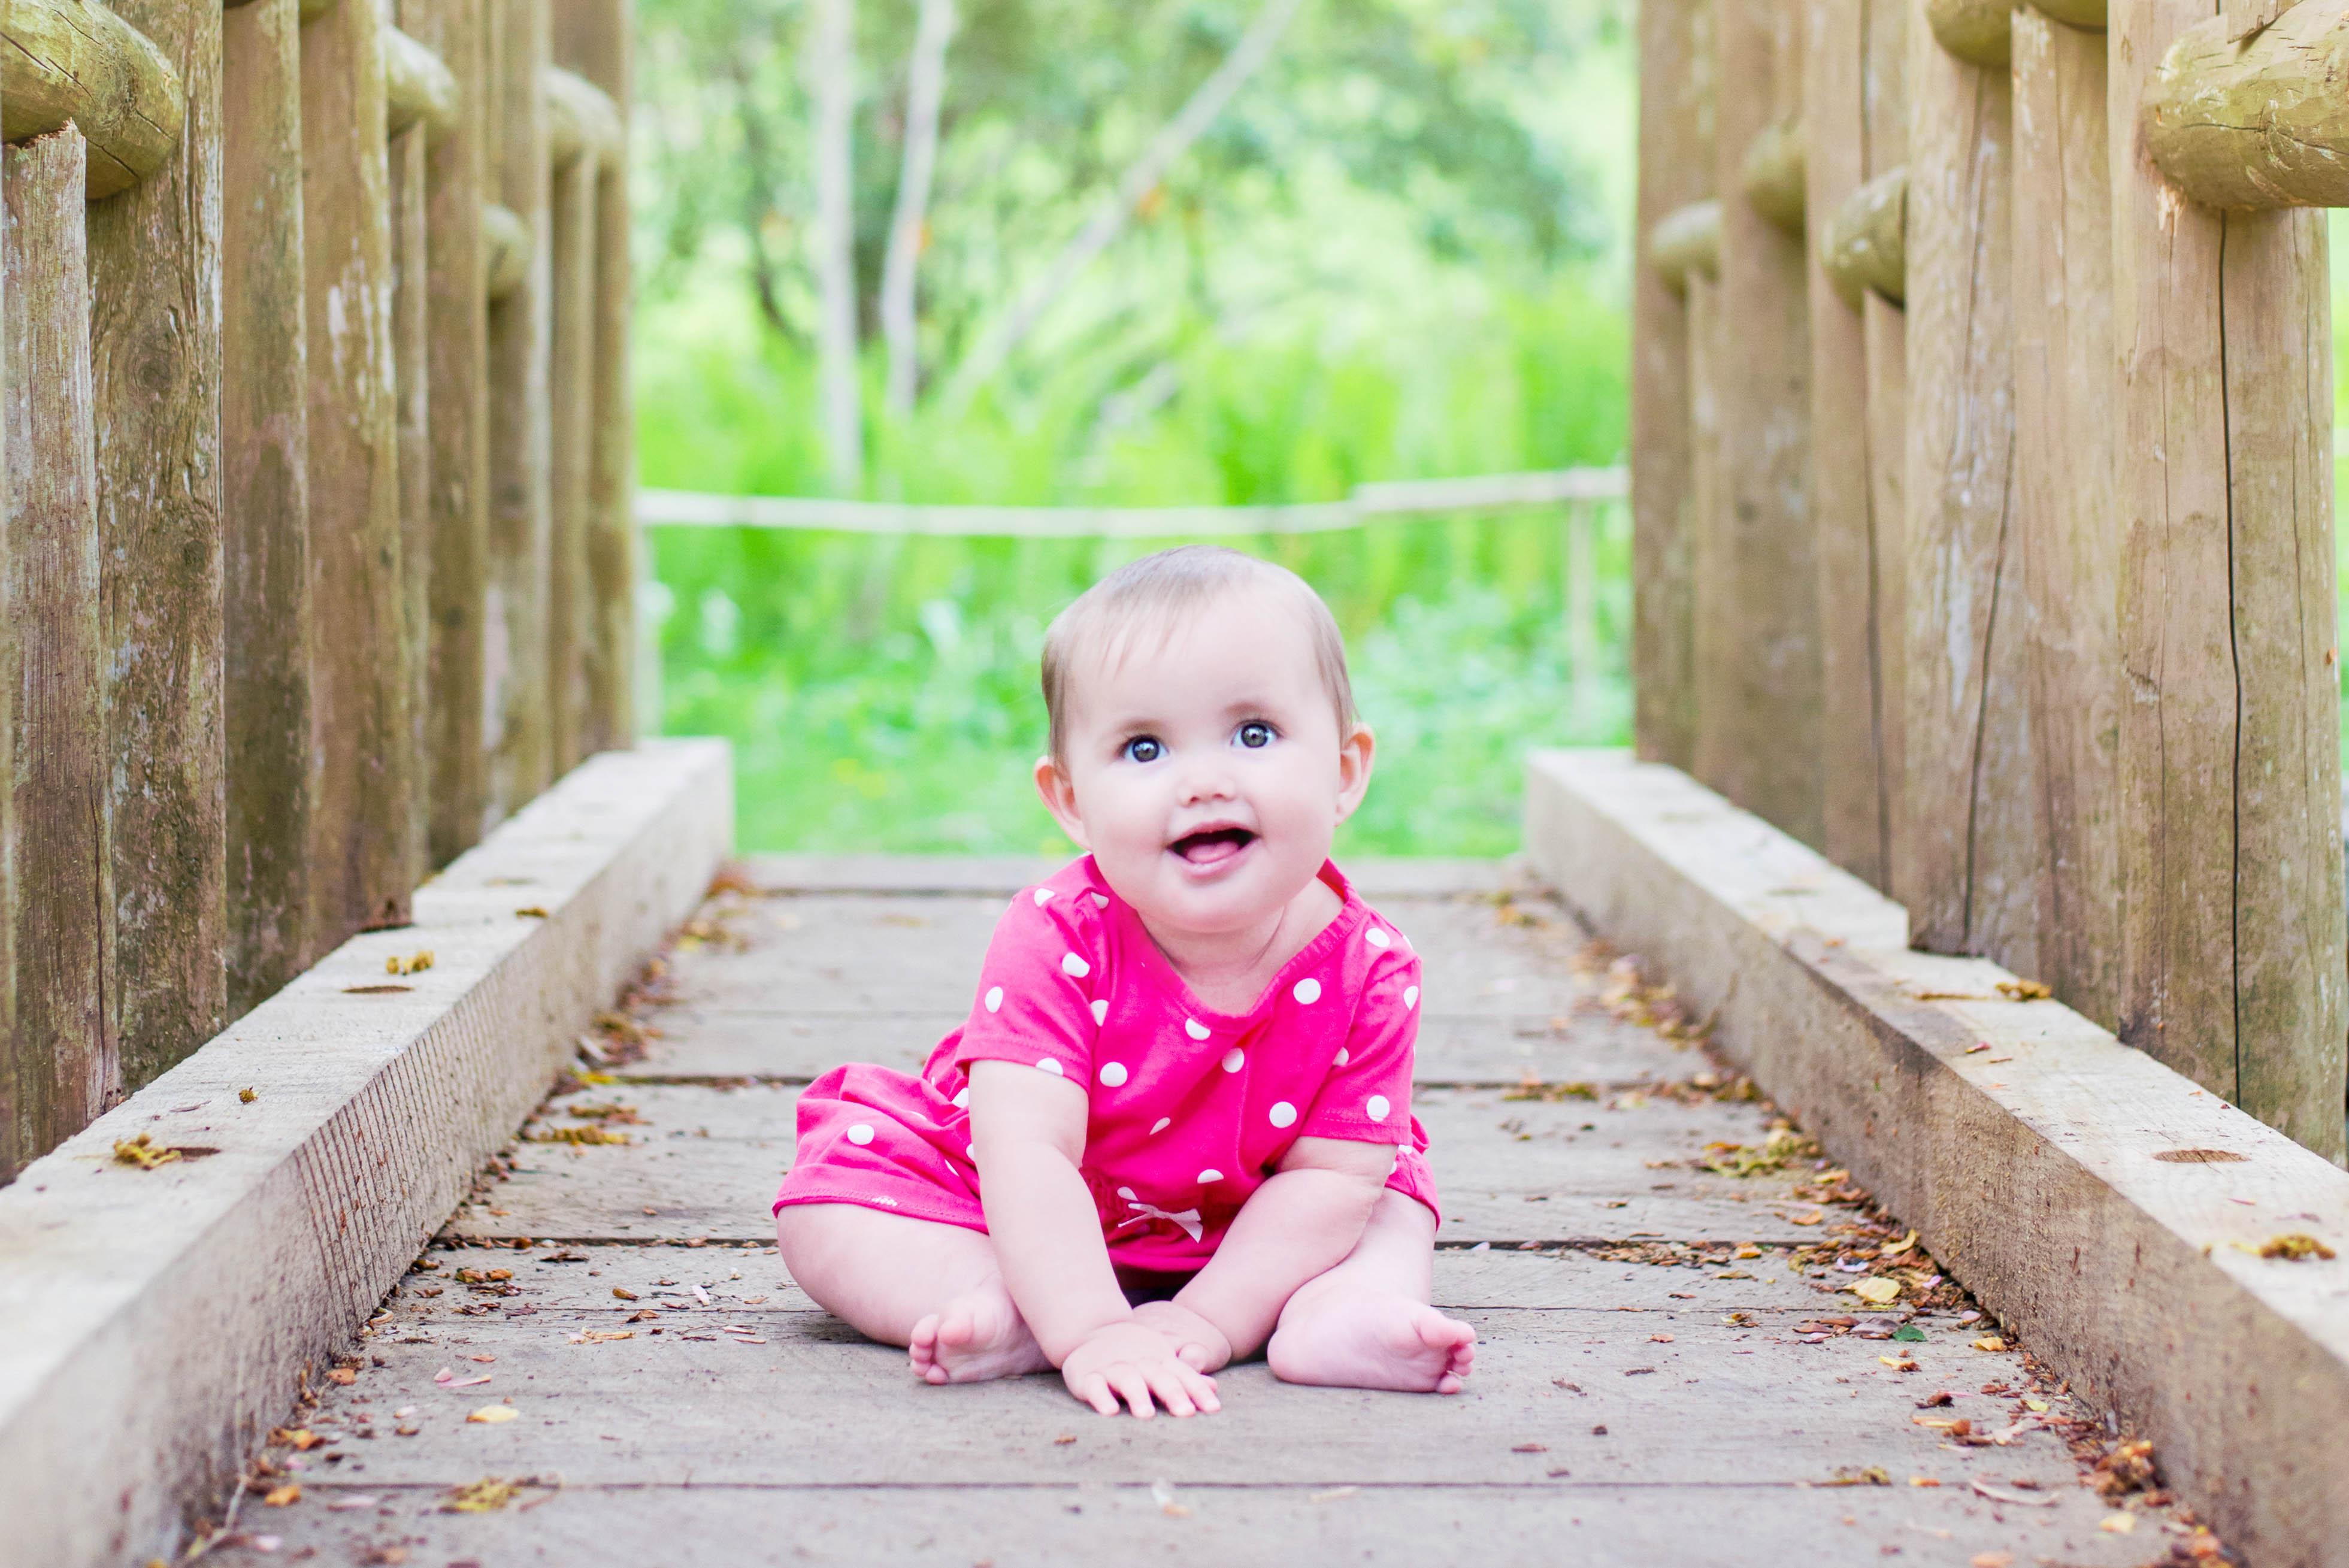 Family_Maternity_Pregnancy_ Reveal_Portrait_Session_Andrea_Krout_Photography_Morris_Arboretum-5